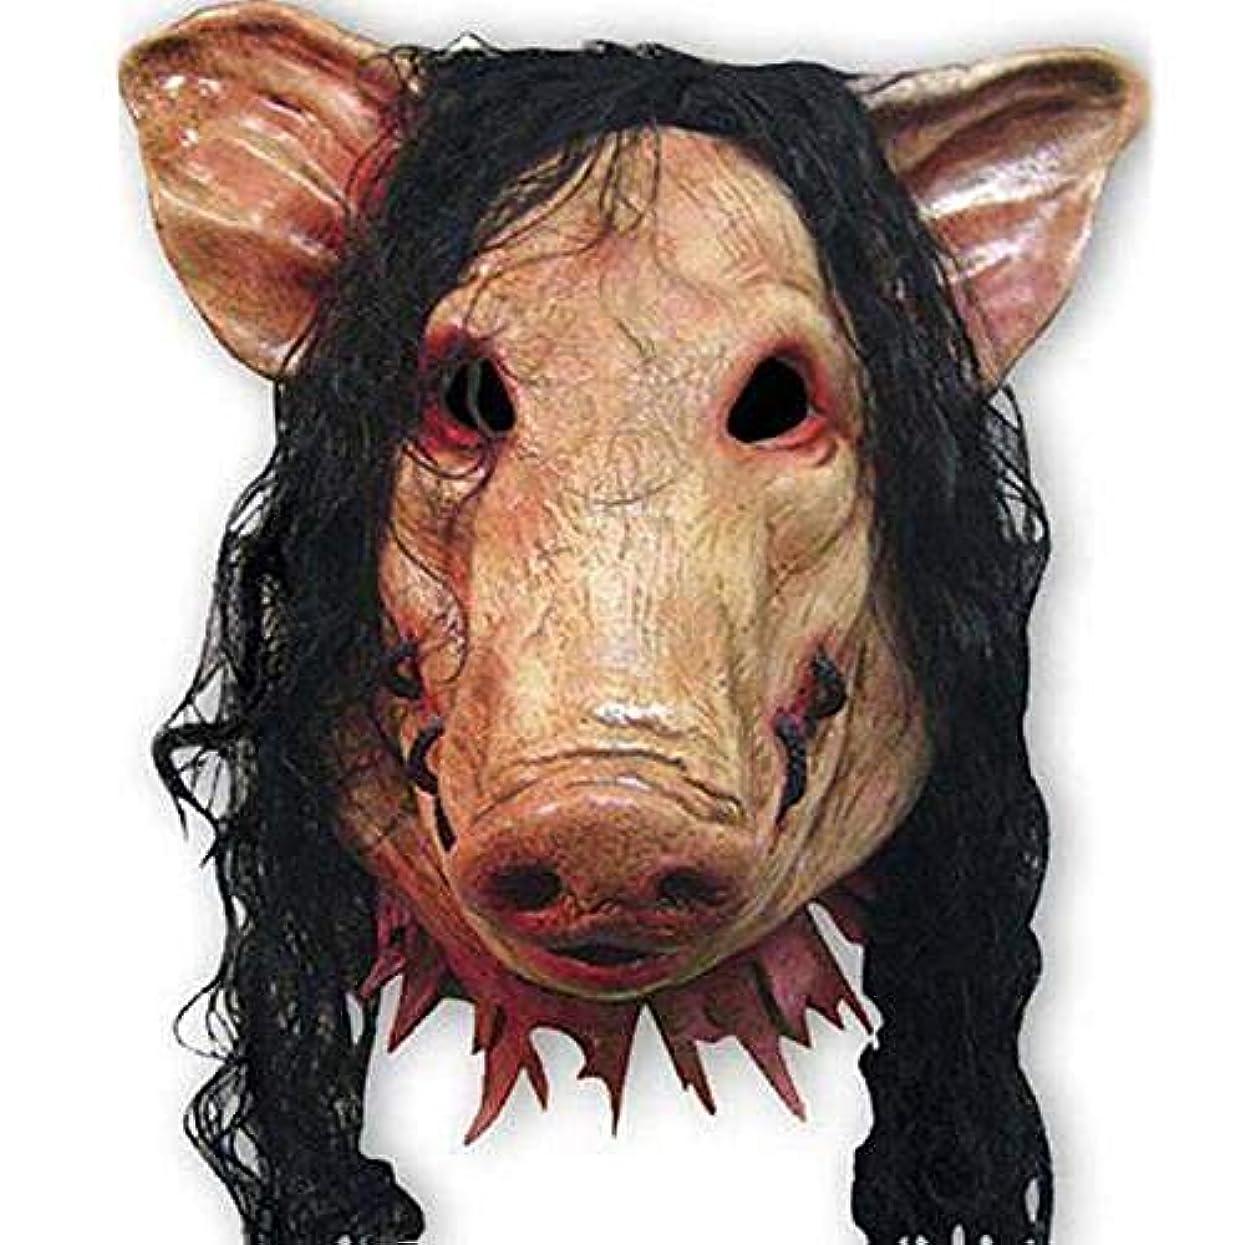 ラテックス豚マスク-ハロウィンコスチュームボールコスチュームコスプレ、ユニセックス怖いマスク豚